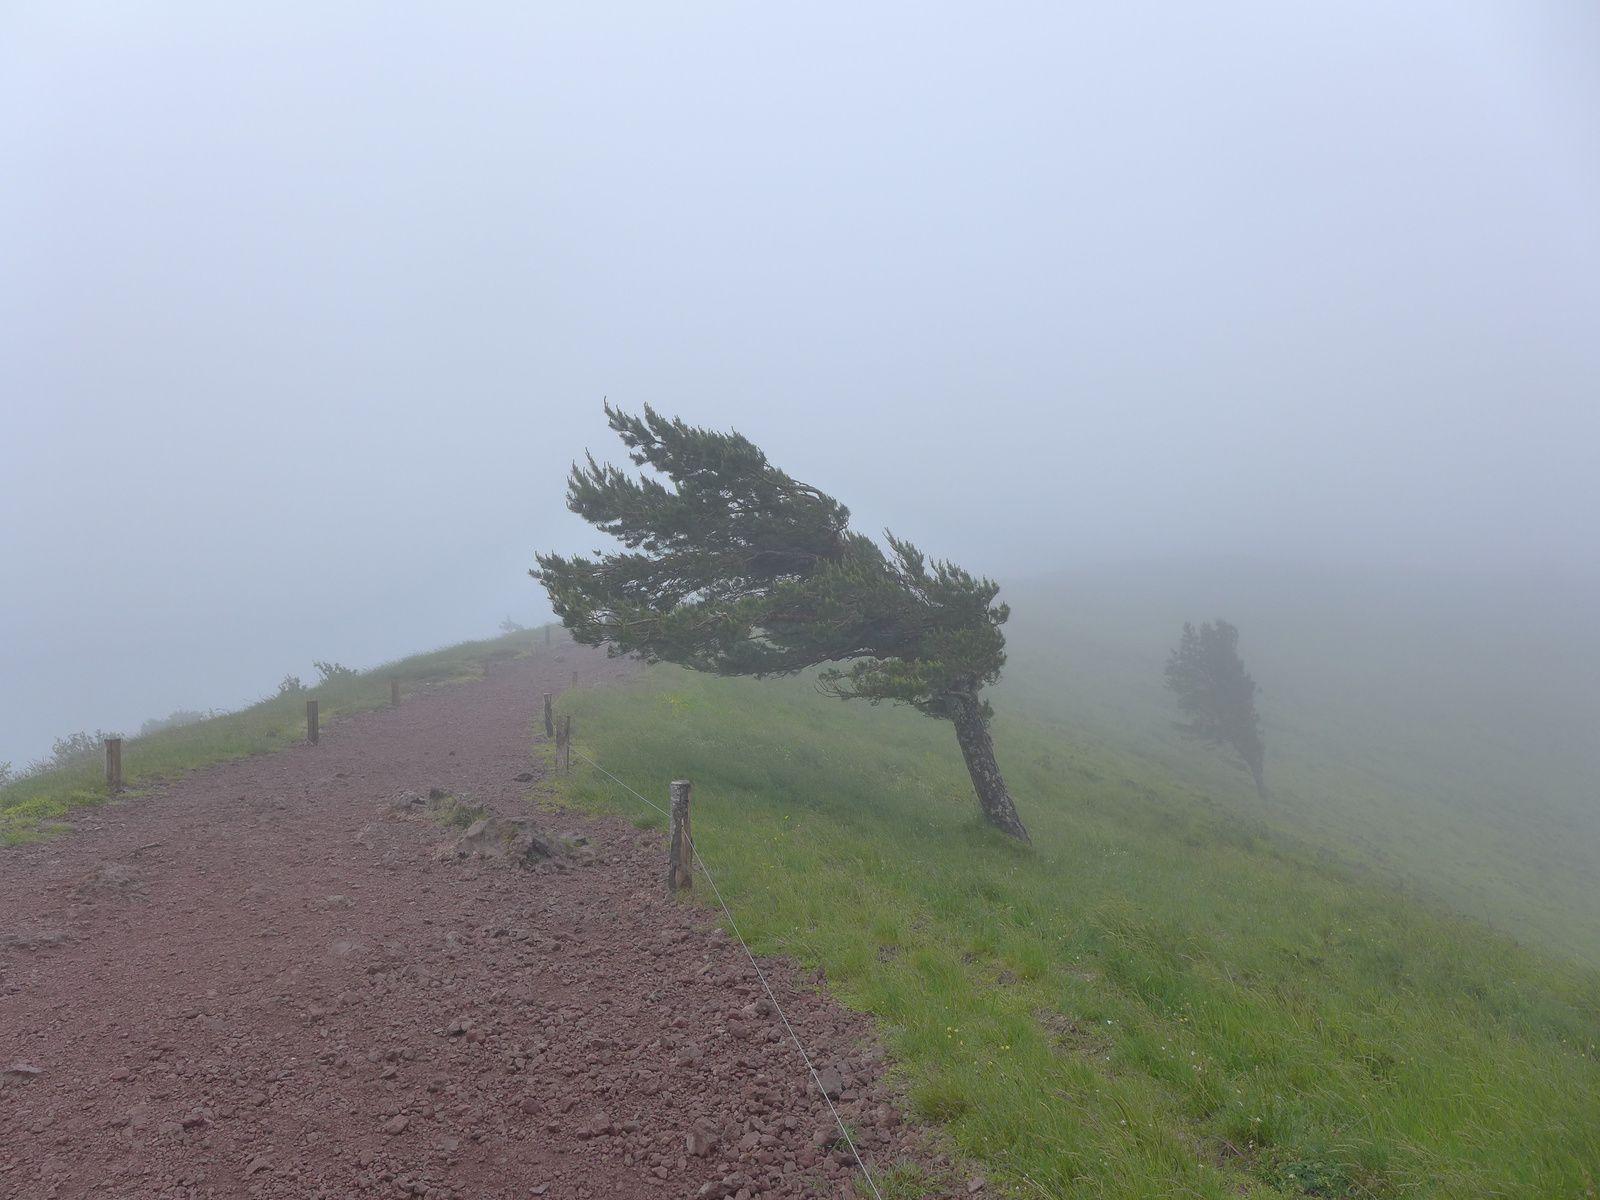 Il n'y avait pas que les arbres qui étaient dans le brouillard et la tourmente, les marcheurs du groupe 1 s'y trouvaient aussi ...